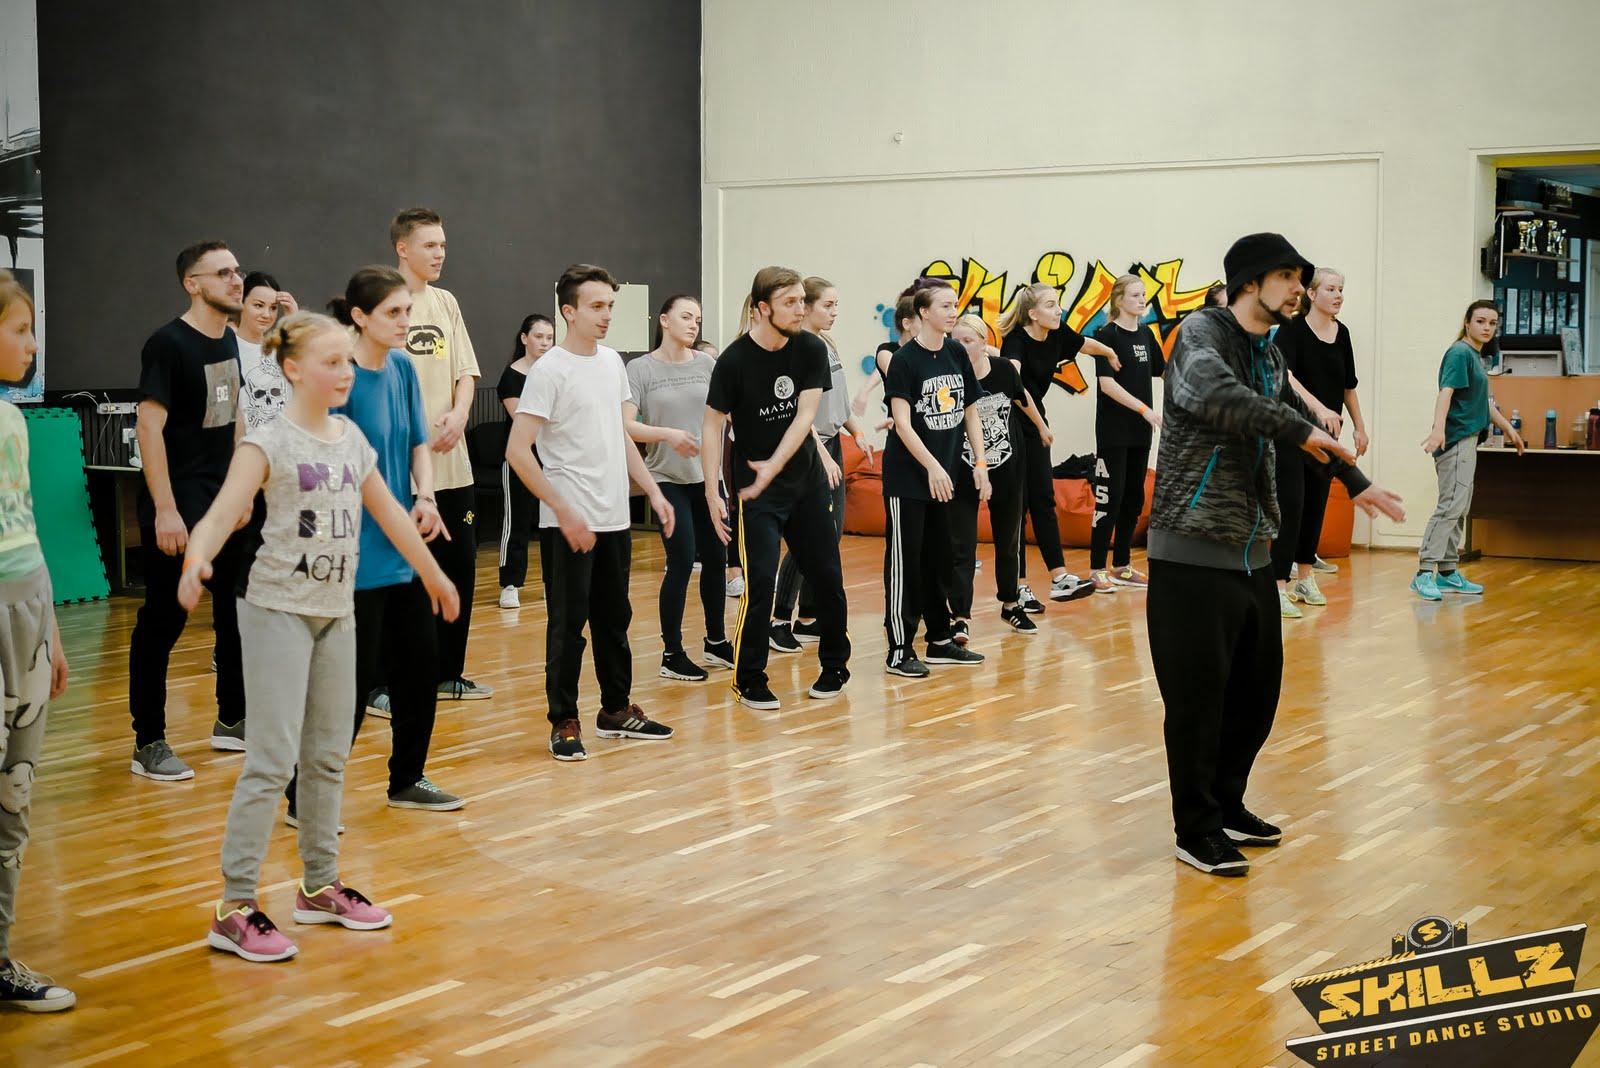 Hip hop seminaras su Jeka iš Maskvos - _1050186.jpg